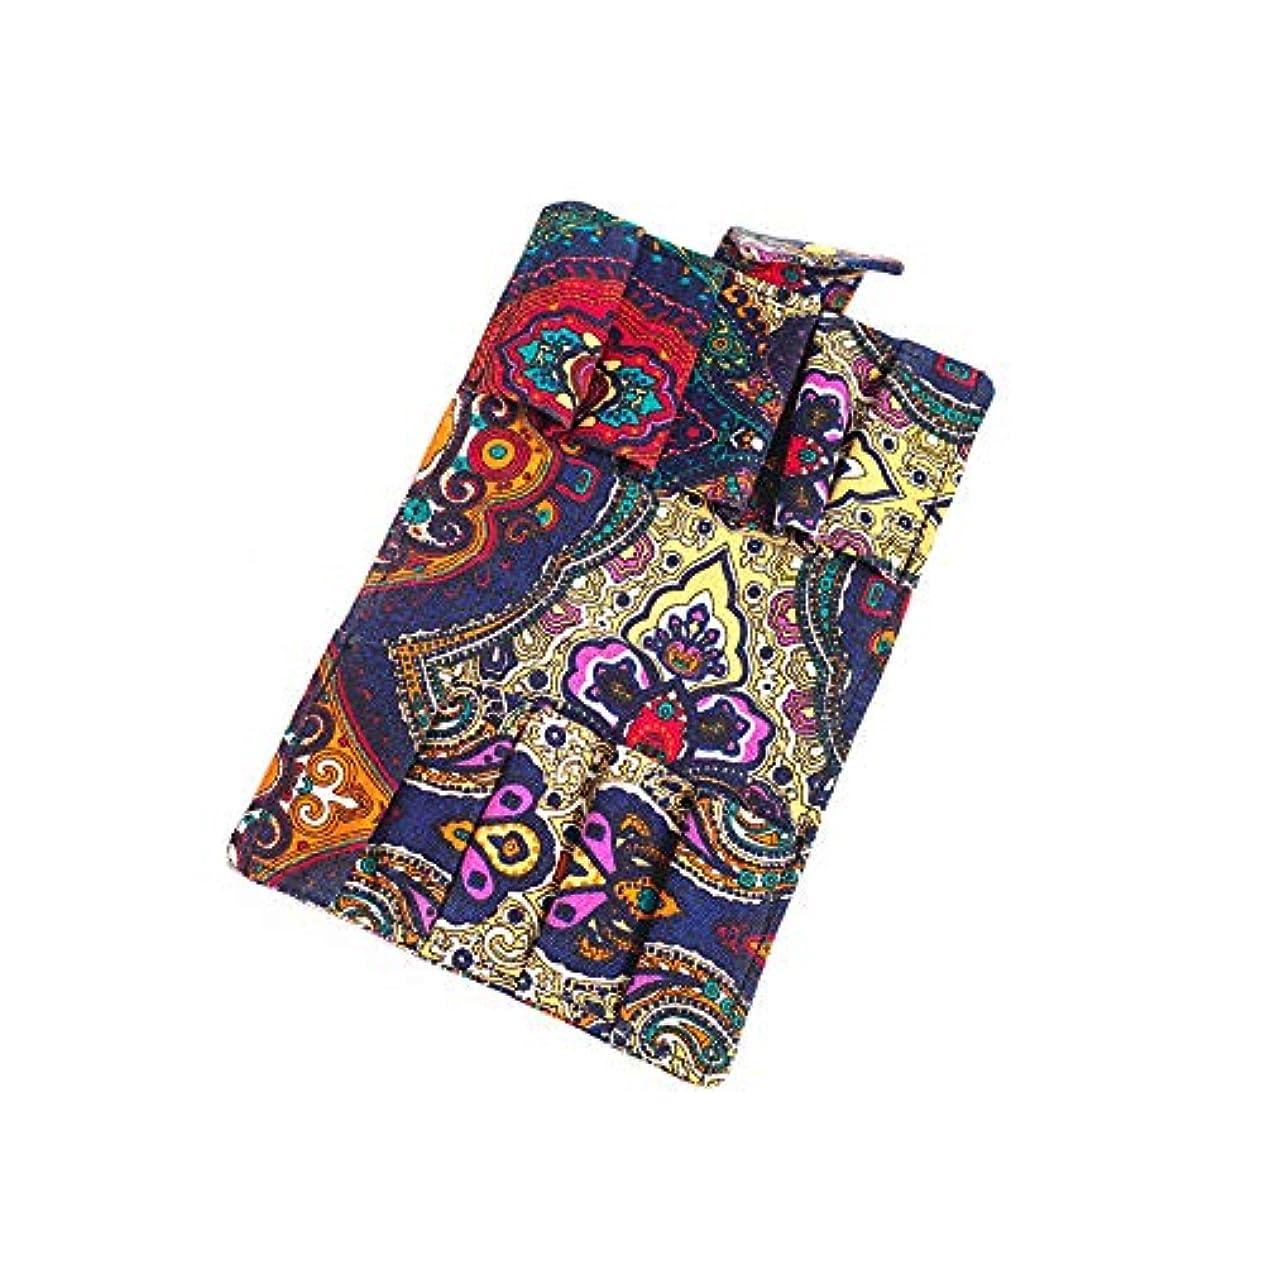 両方アラブ人ユニークなエッセンシャルオイル 香水収納バッグ 10格 財布式 折り畳み可能 携帯用 精油 香水 サンプル 保管袋 ポーチ (カラー, 15.5*12.5*1.5CM)